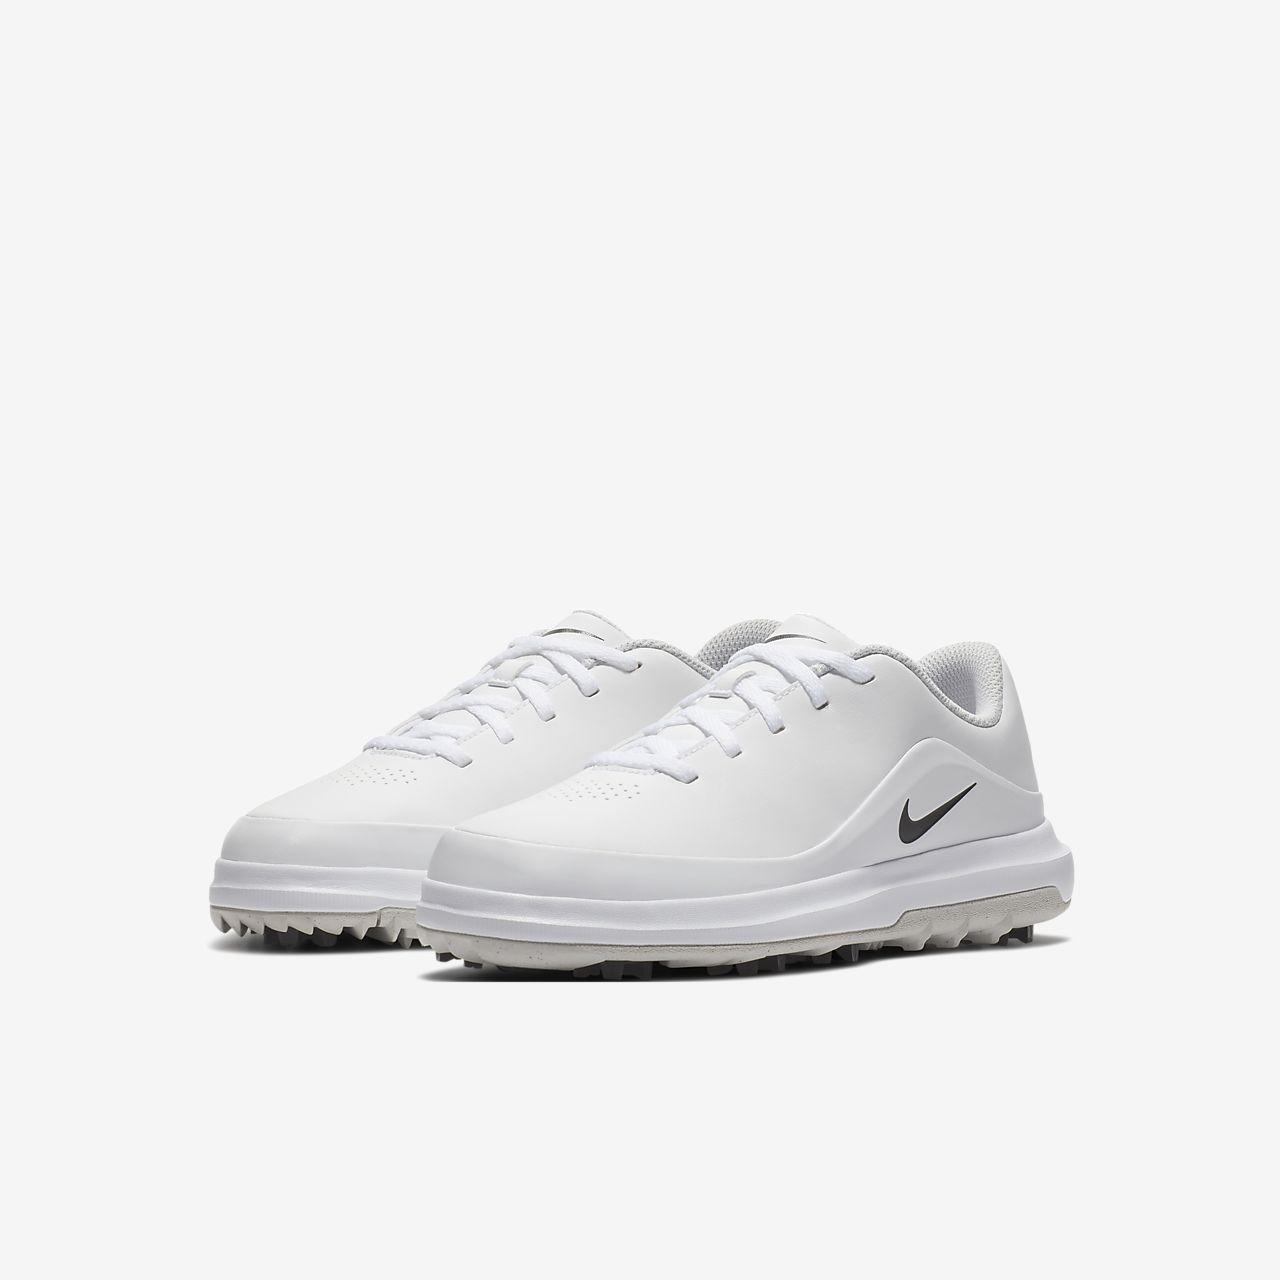 3d60be9251b91 Calzado de golf para niños Nike Precision Jr.. Nike.com MX